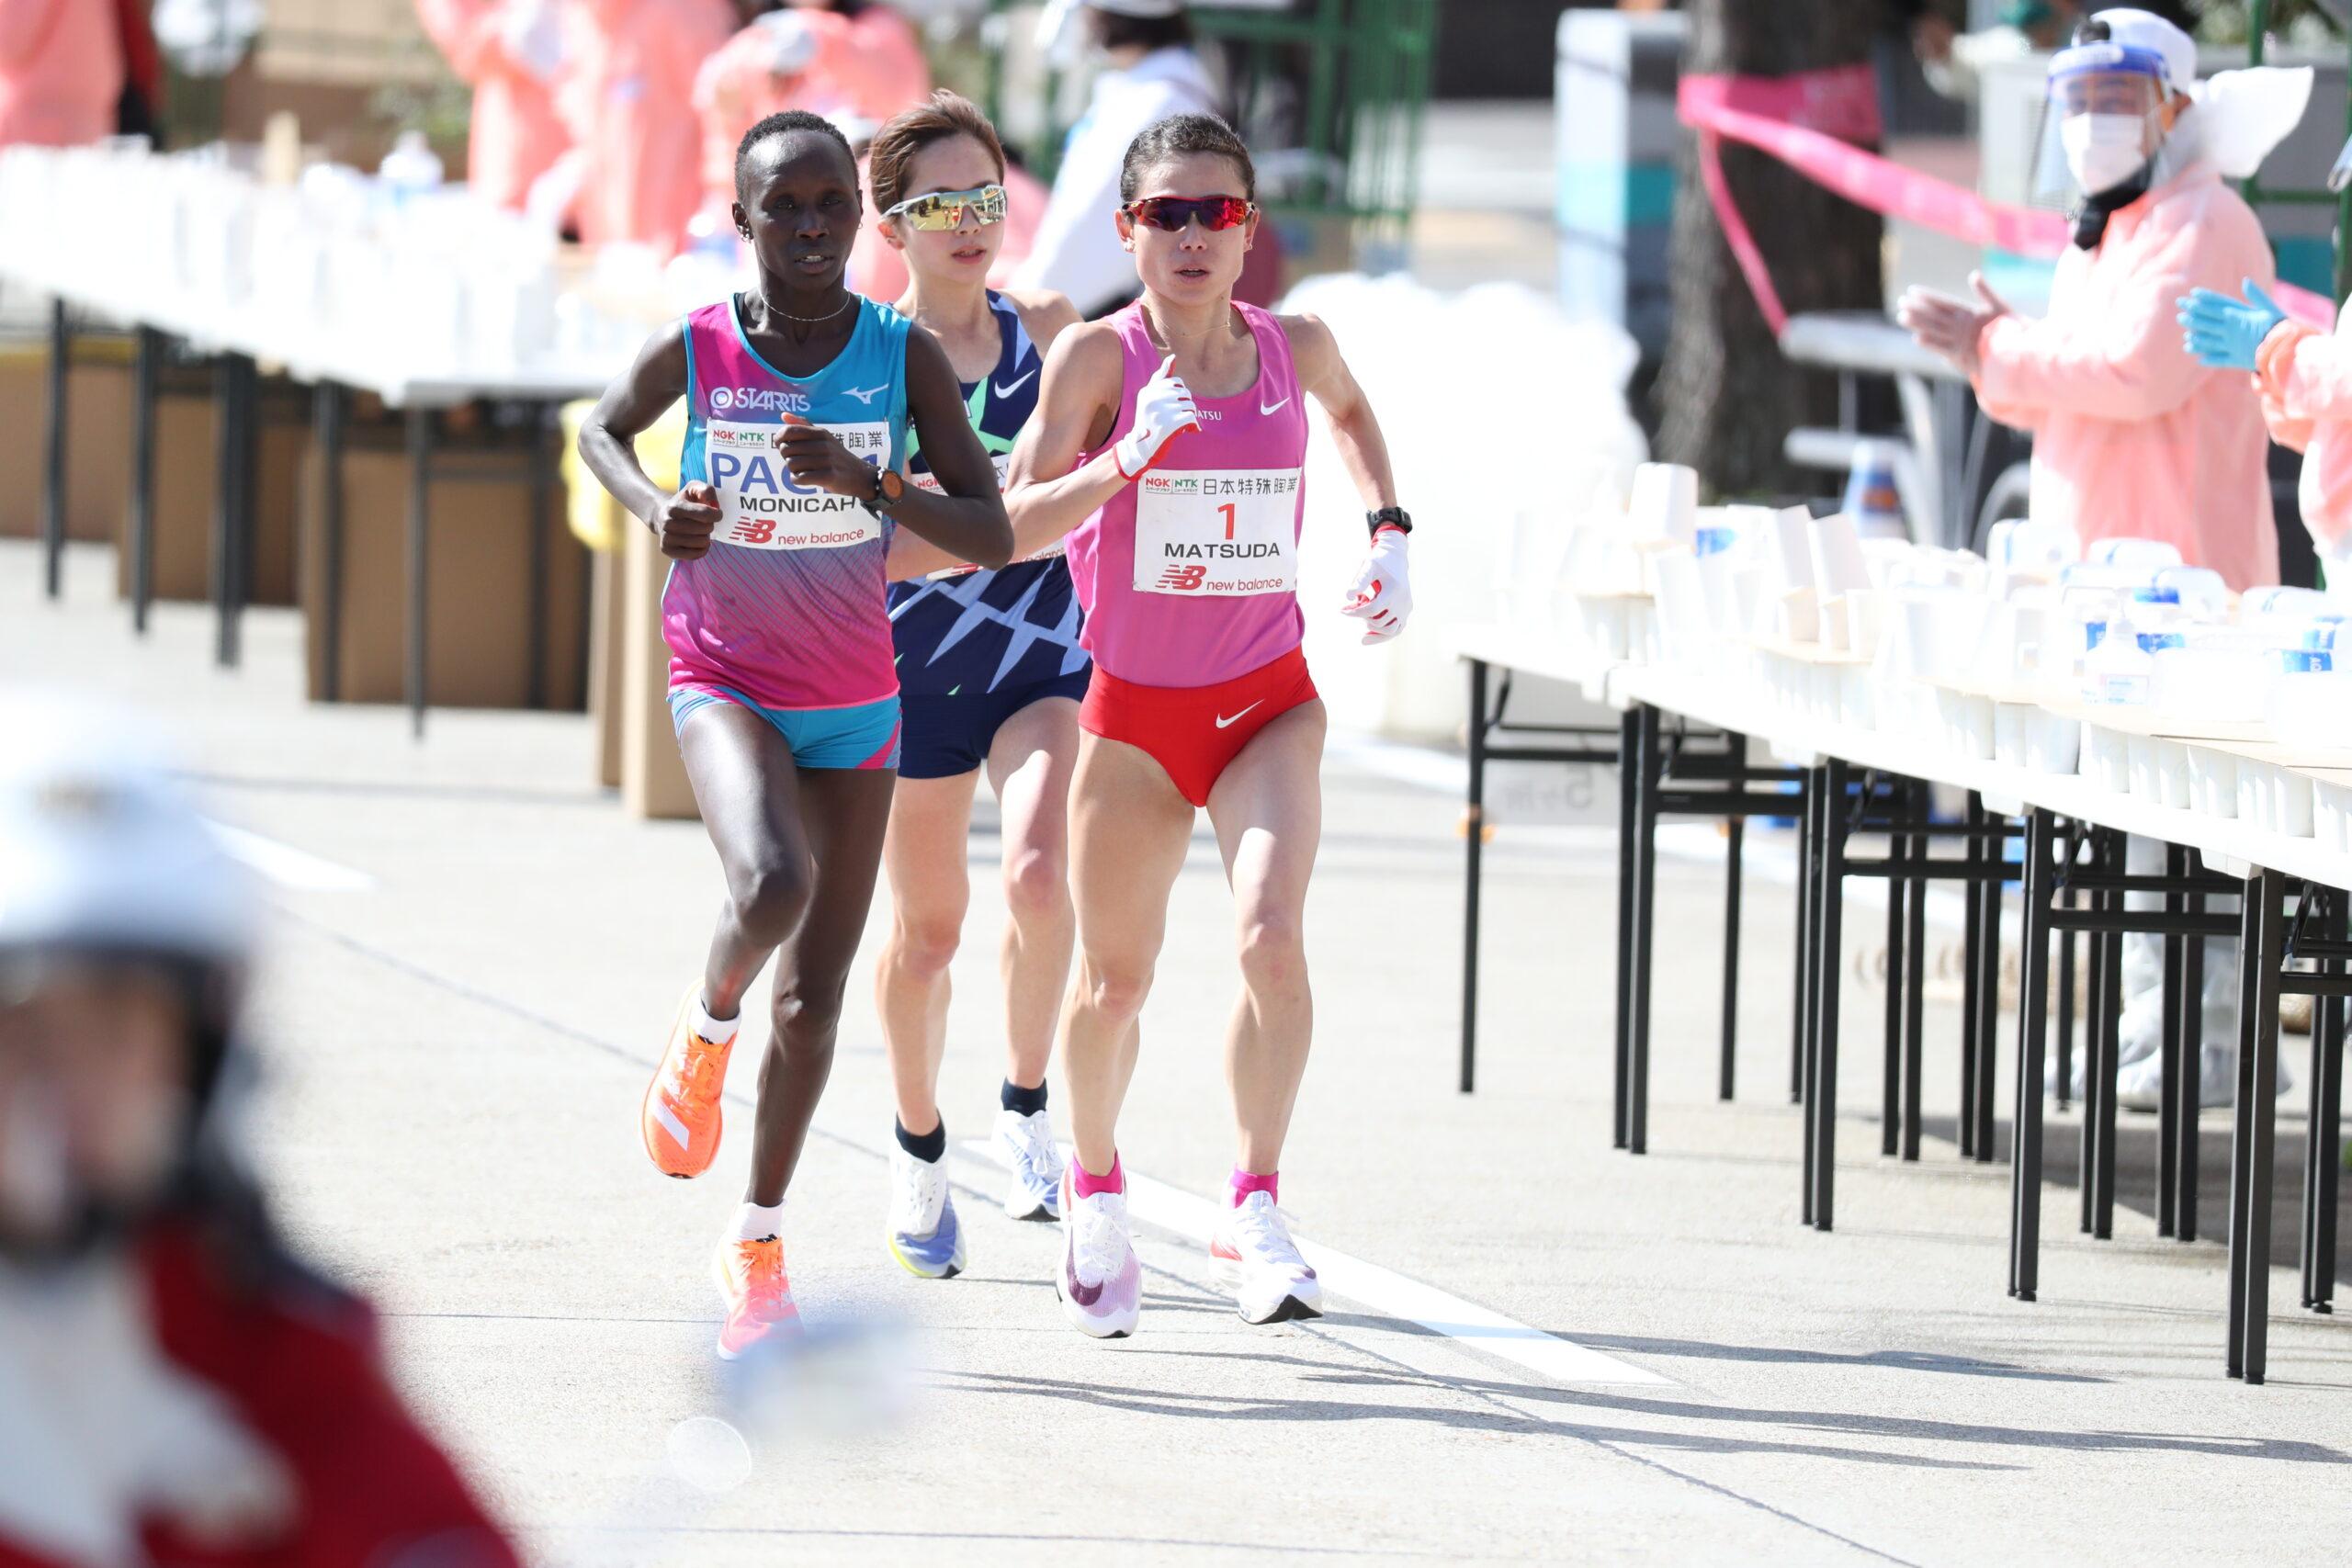 強風の中、松田が自己2番目の2時間21分51秒で涙の優勝!/名古屋ウィメンズマラソン